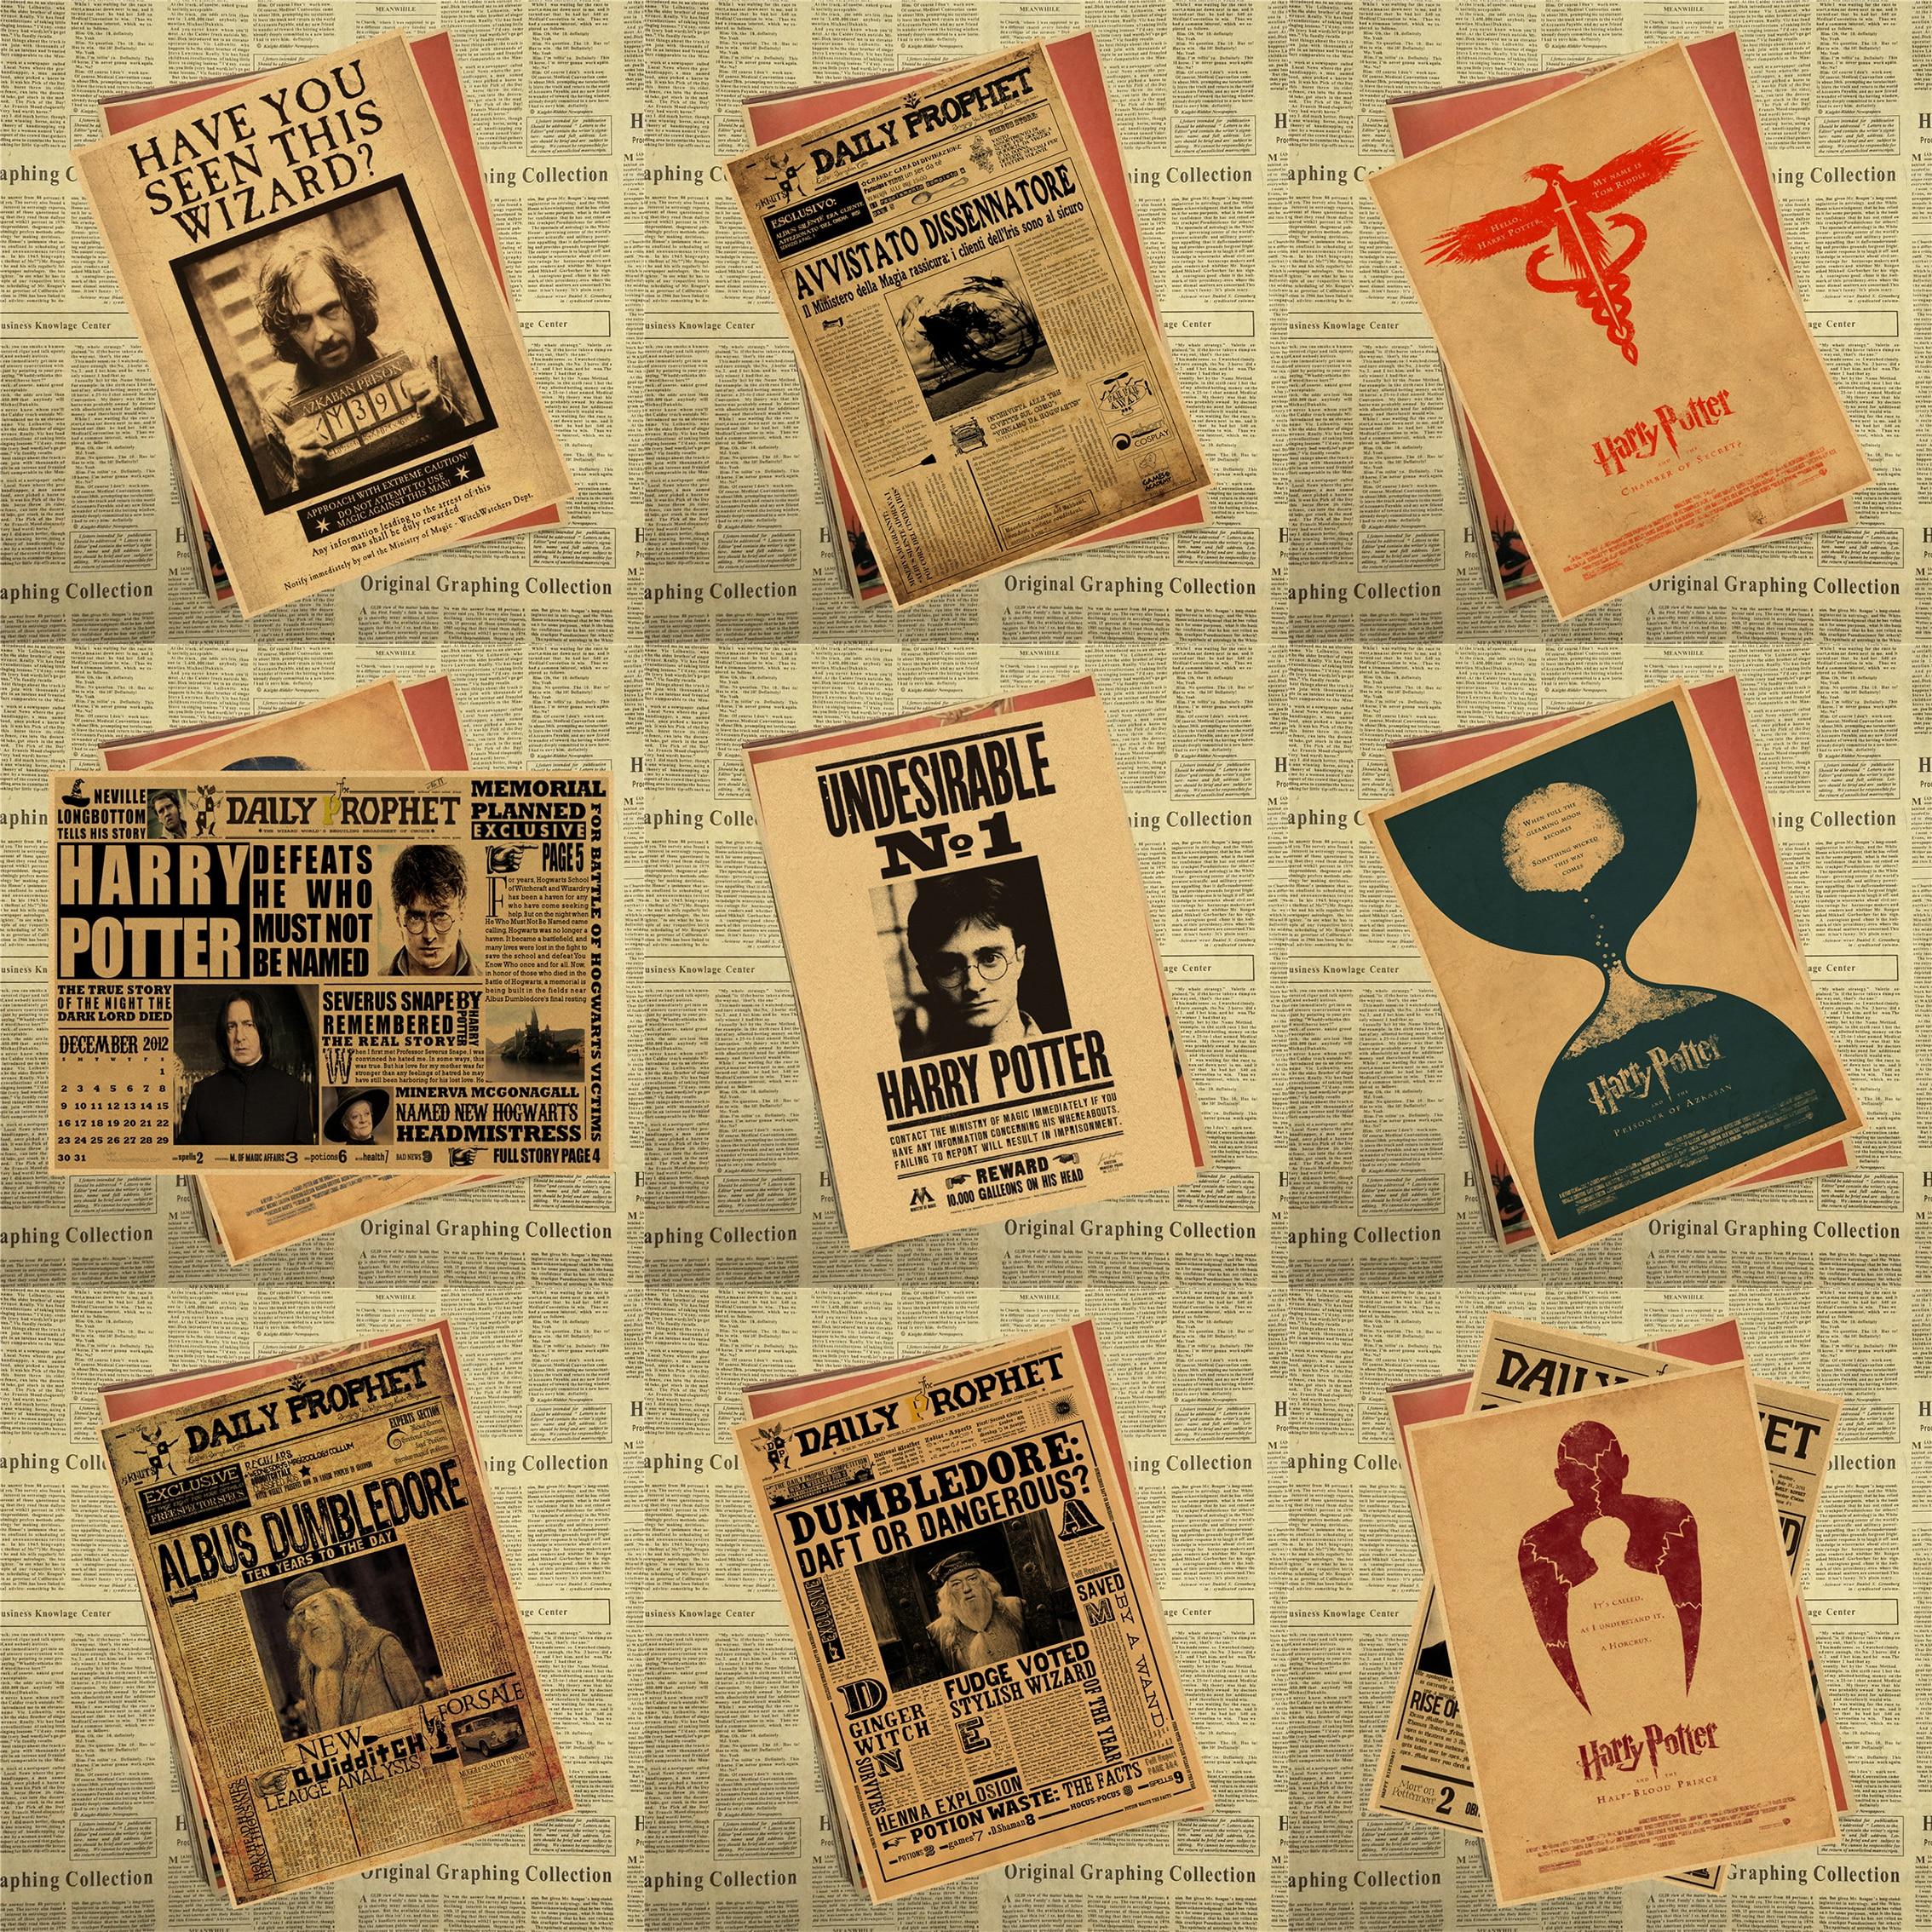 Harija Potera gribēja pasūtīt nevēlamu Nr.1 Vintage Kraft plakātu dekoratīvā Sirija Oriona melnā manifesta vai dekora dāvana